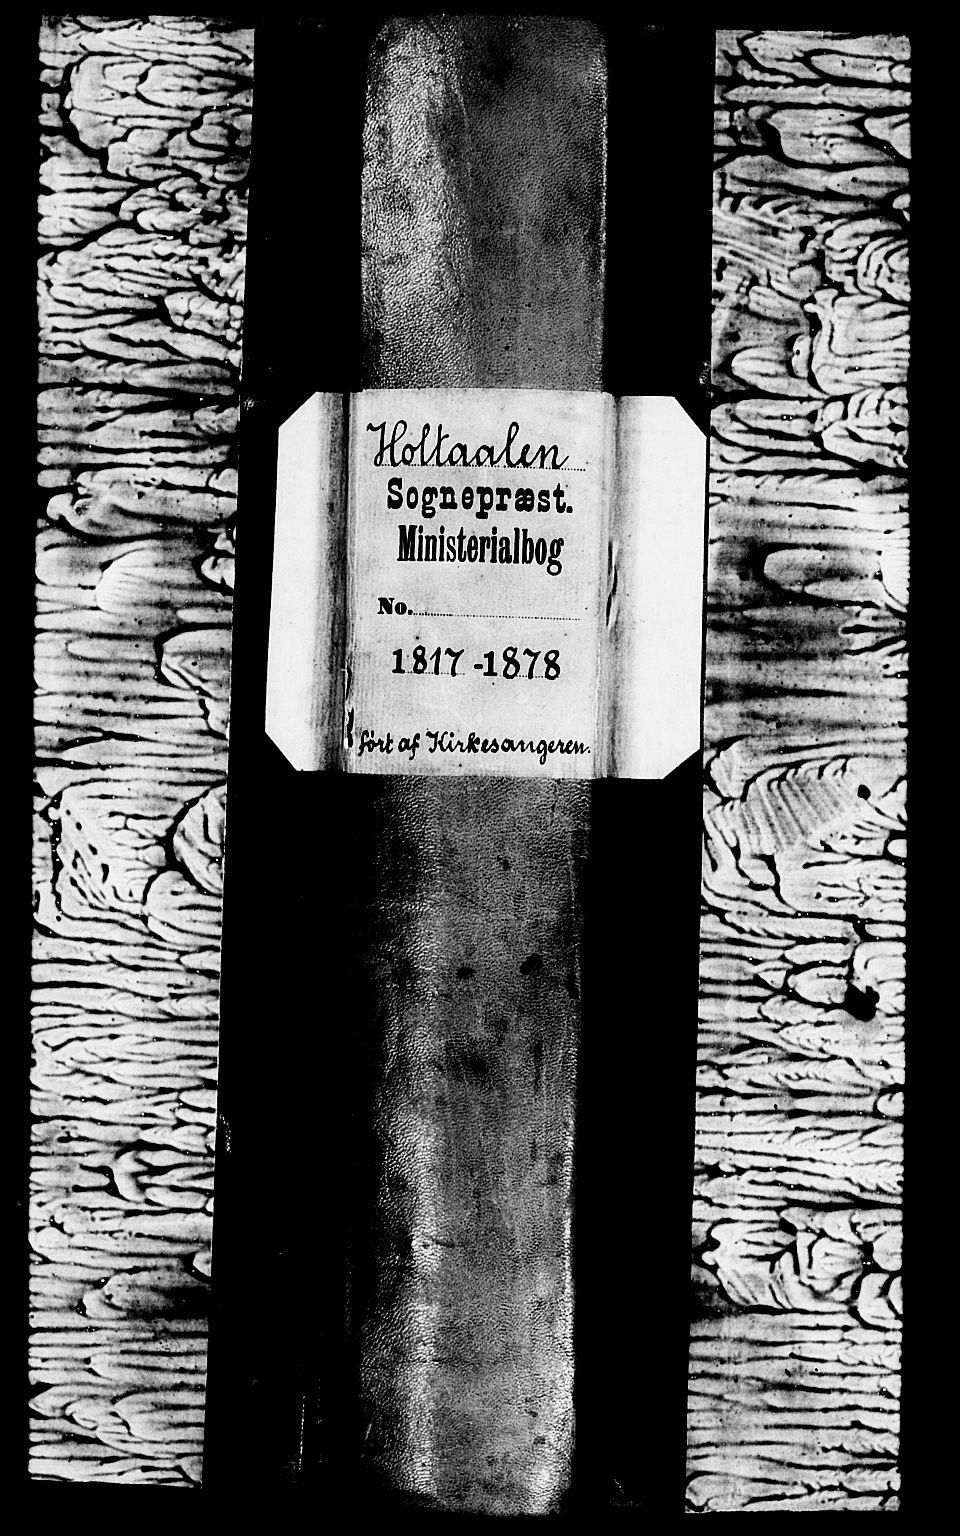 SAT, Ministerialprotokoller, klokkerbøker og fødselsregistre - Sør-Trøndelag, 685/L0976: Klokkerbok nr. 685C01, 1817-1878